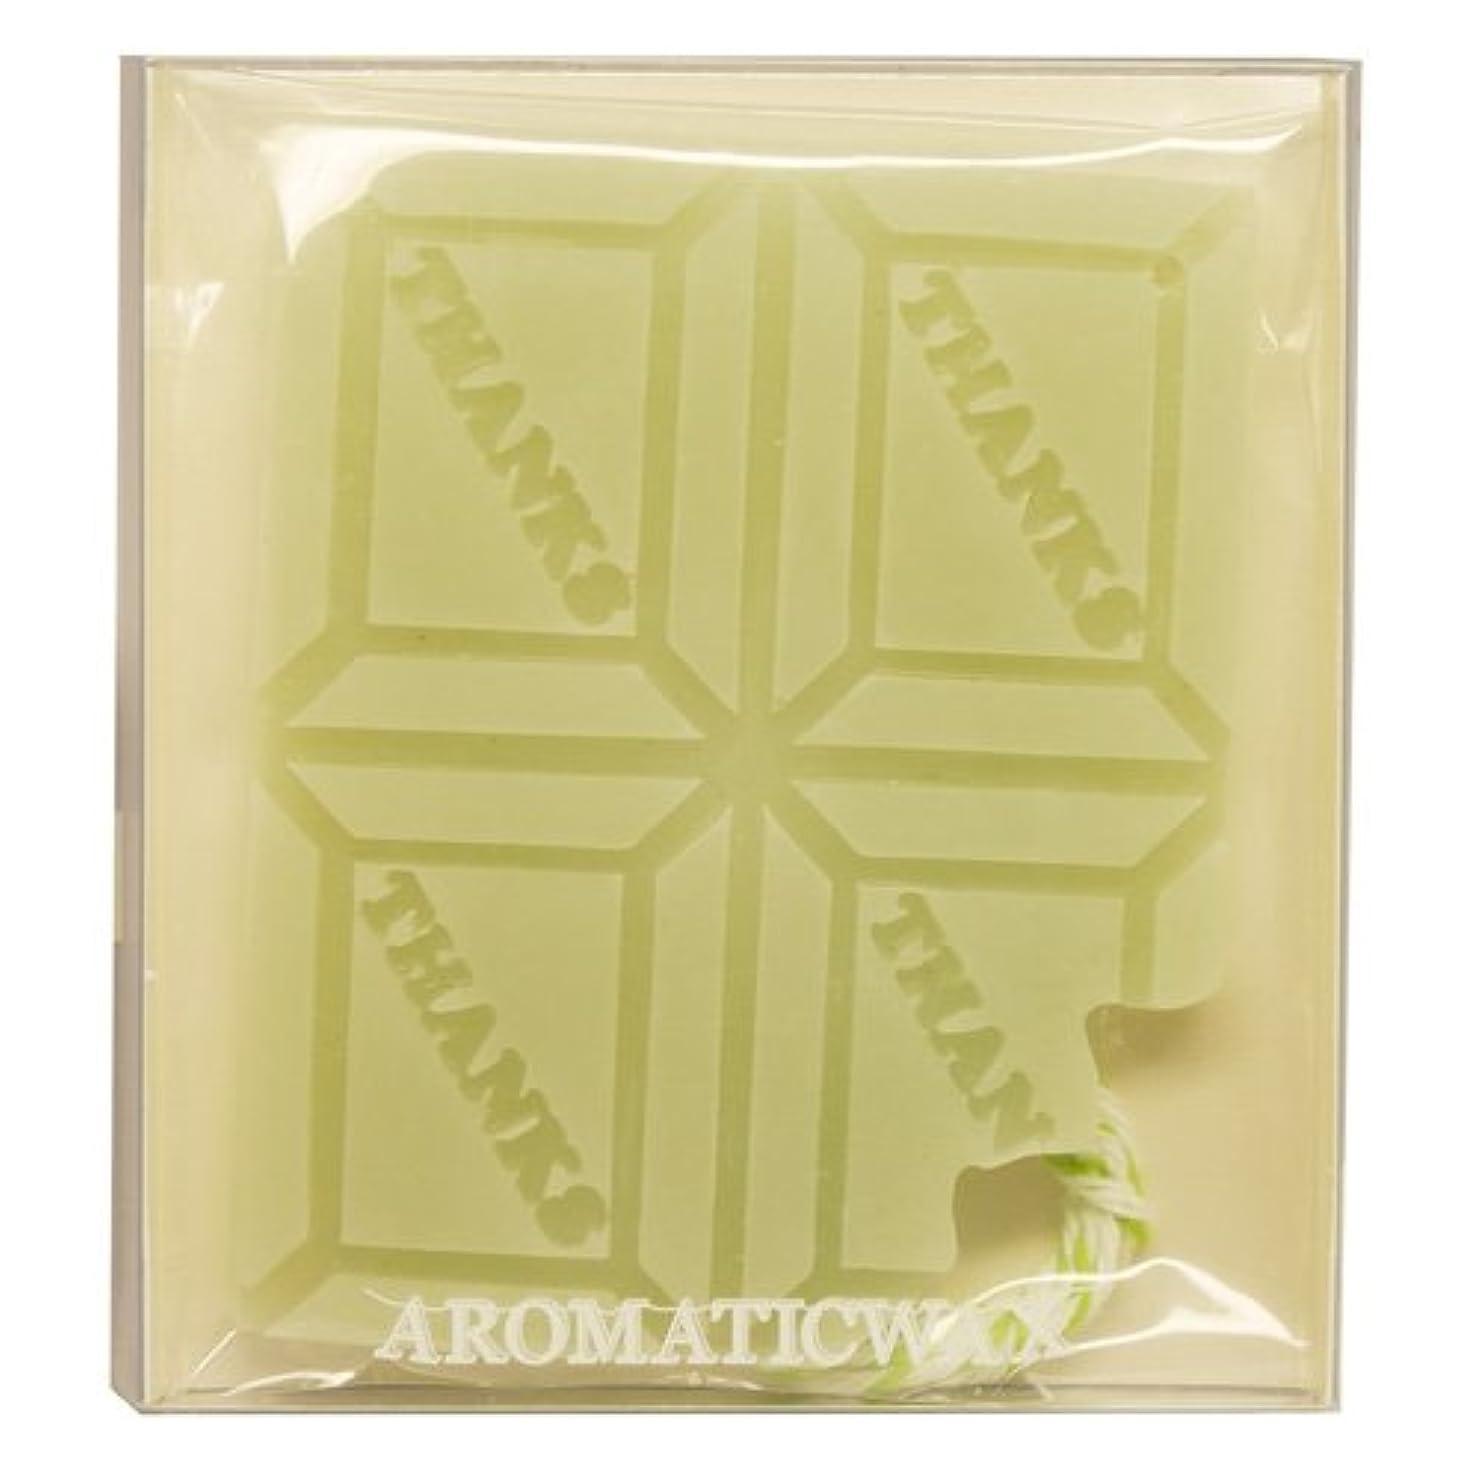 起こりやすいフルーティーアクロバットGRASSE TOKYO AROMATICWAXチャーム「板チョコ(THANKS)」(GR) レモングラス アロマティックワックス グラーストウキョウ